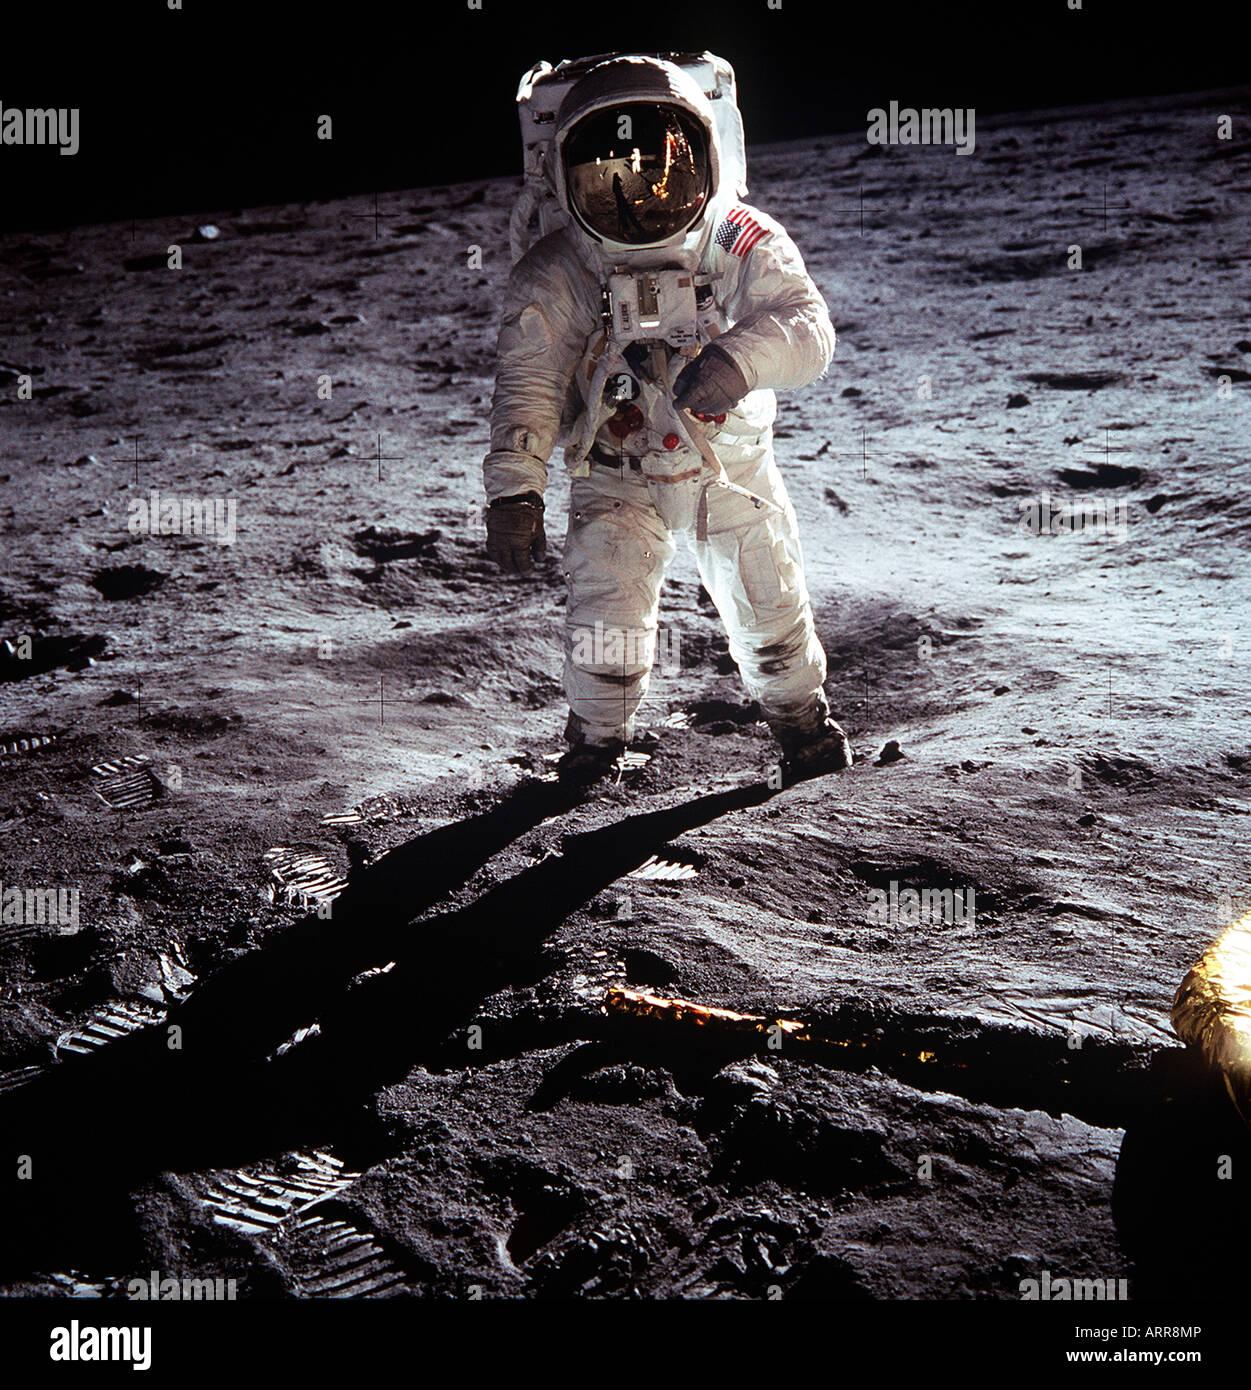 El astronauta estadounidense Neil Armstrong NASA aterrizaje lunar Apolo 11 Imagen De Stock